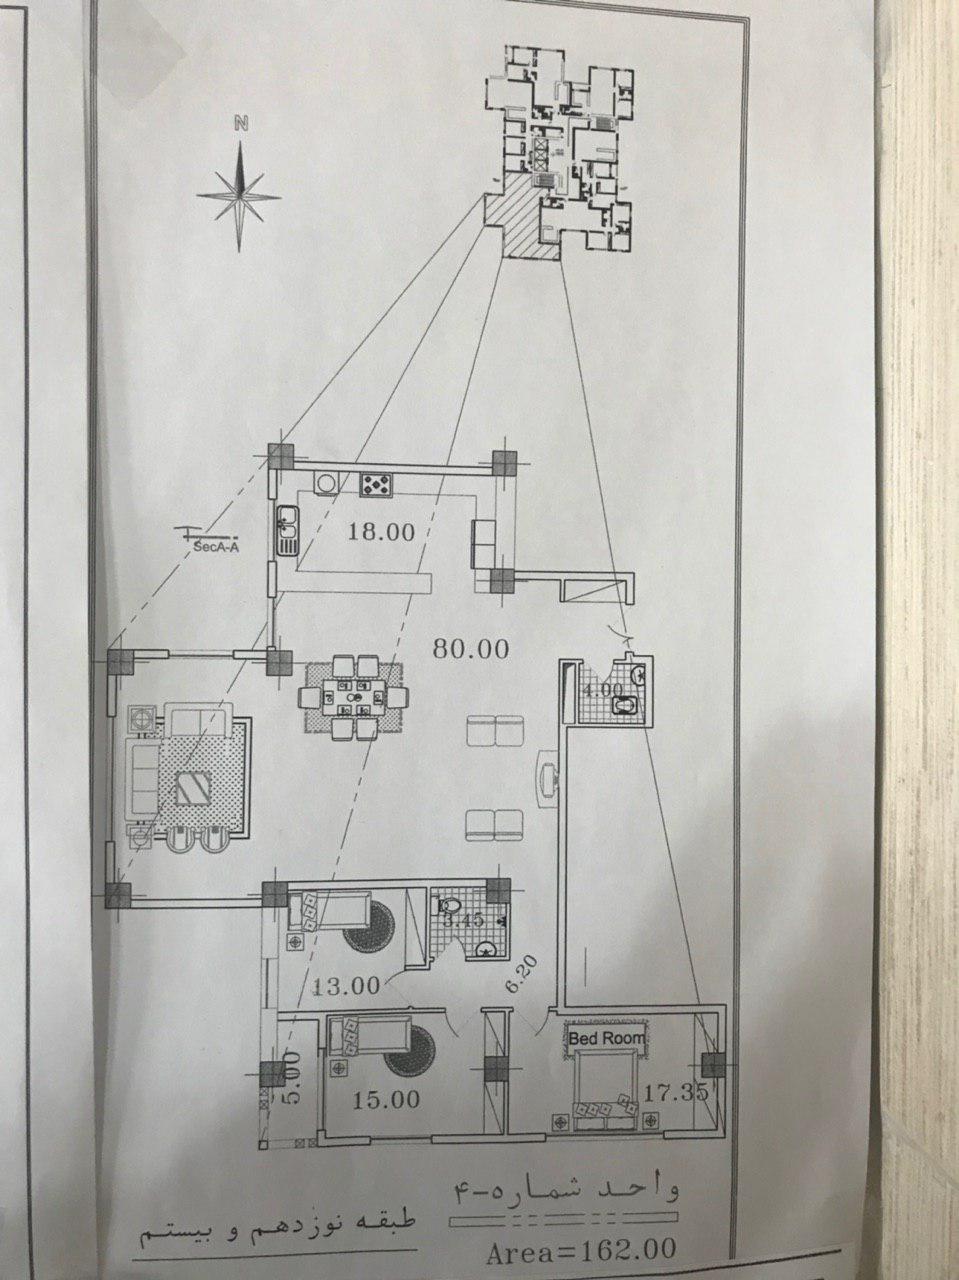 امتیاز تعاونی مسکن بازنشستگان ارتش پلن شماره (4)